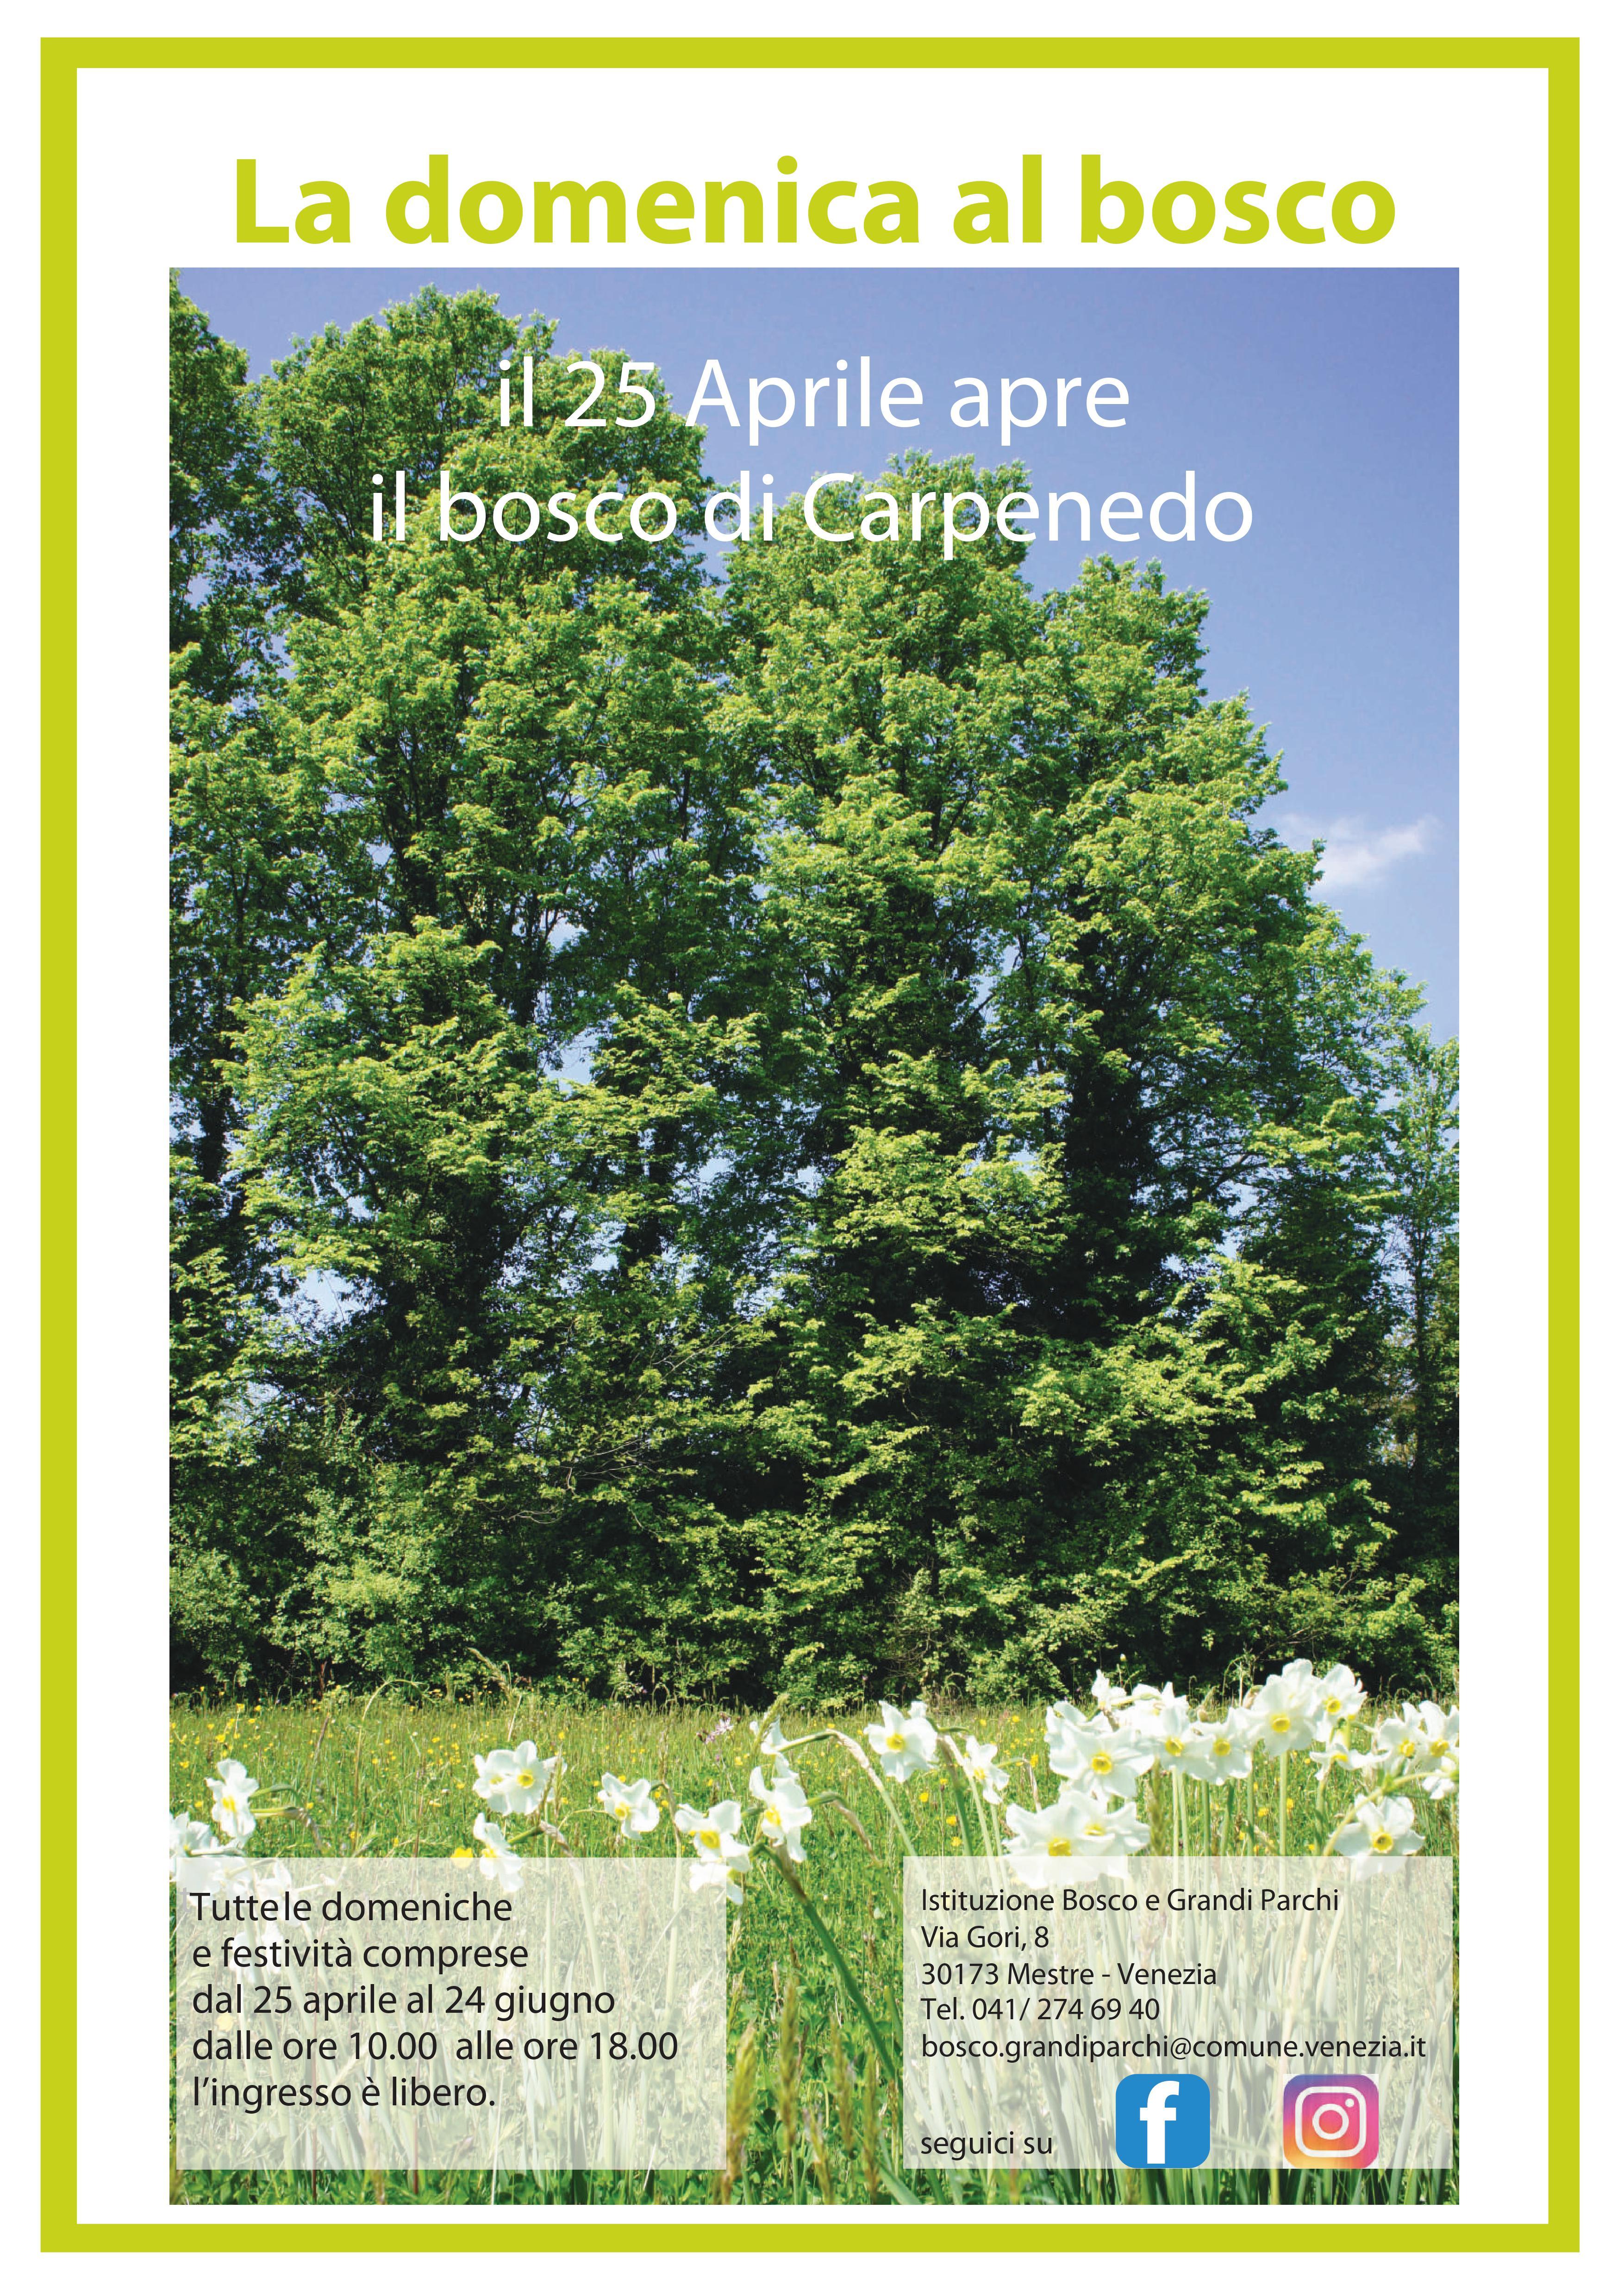 Locandina bosco carpenedo  - foto del bosco in primavera e informazioni apertura